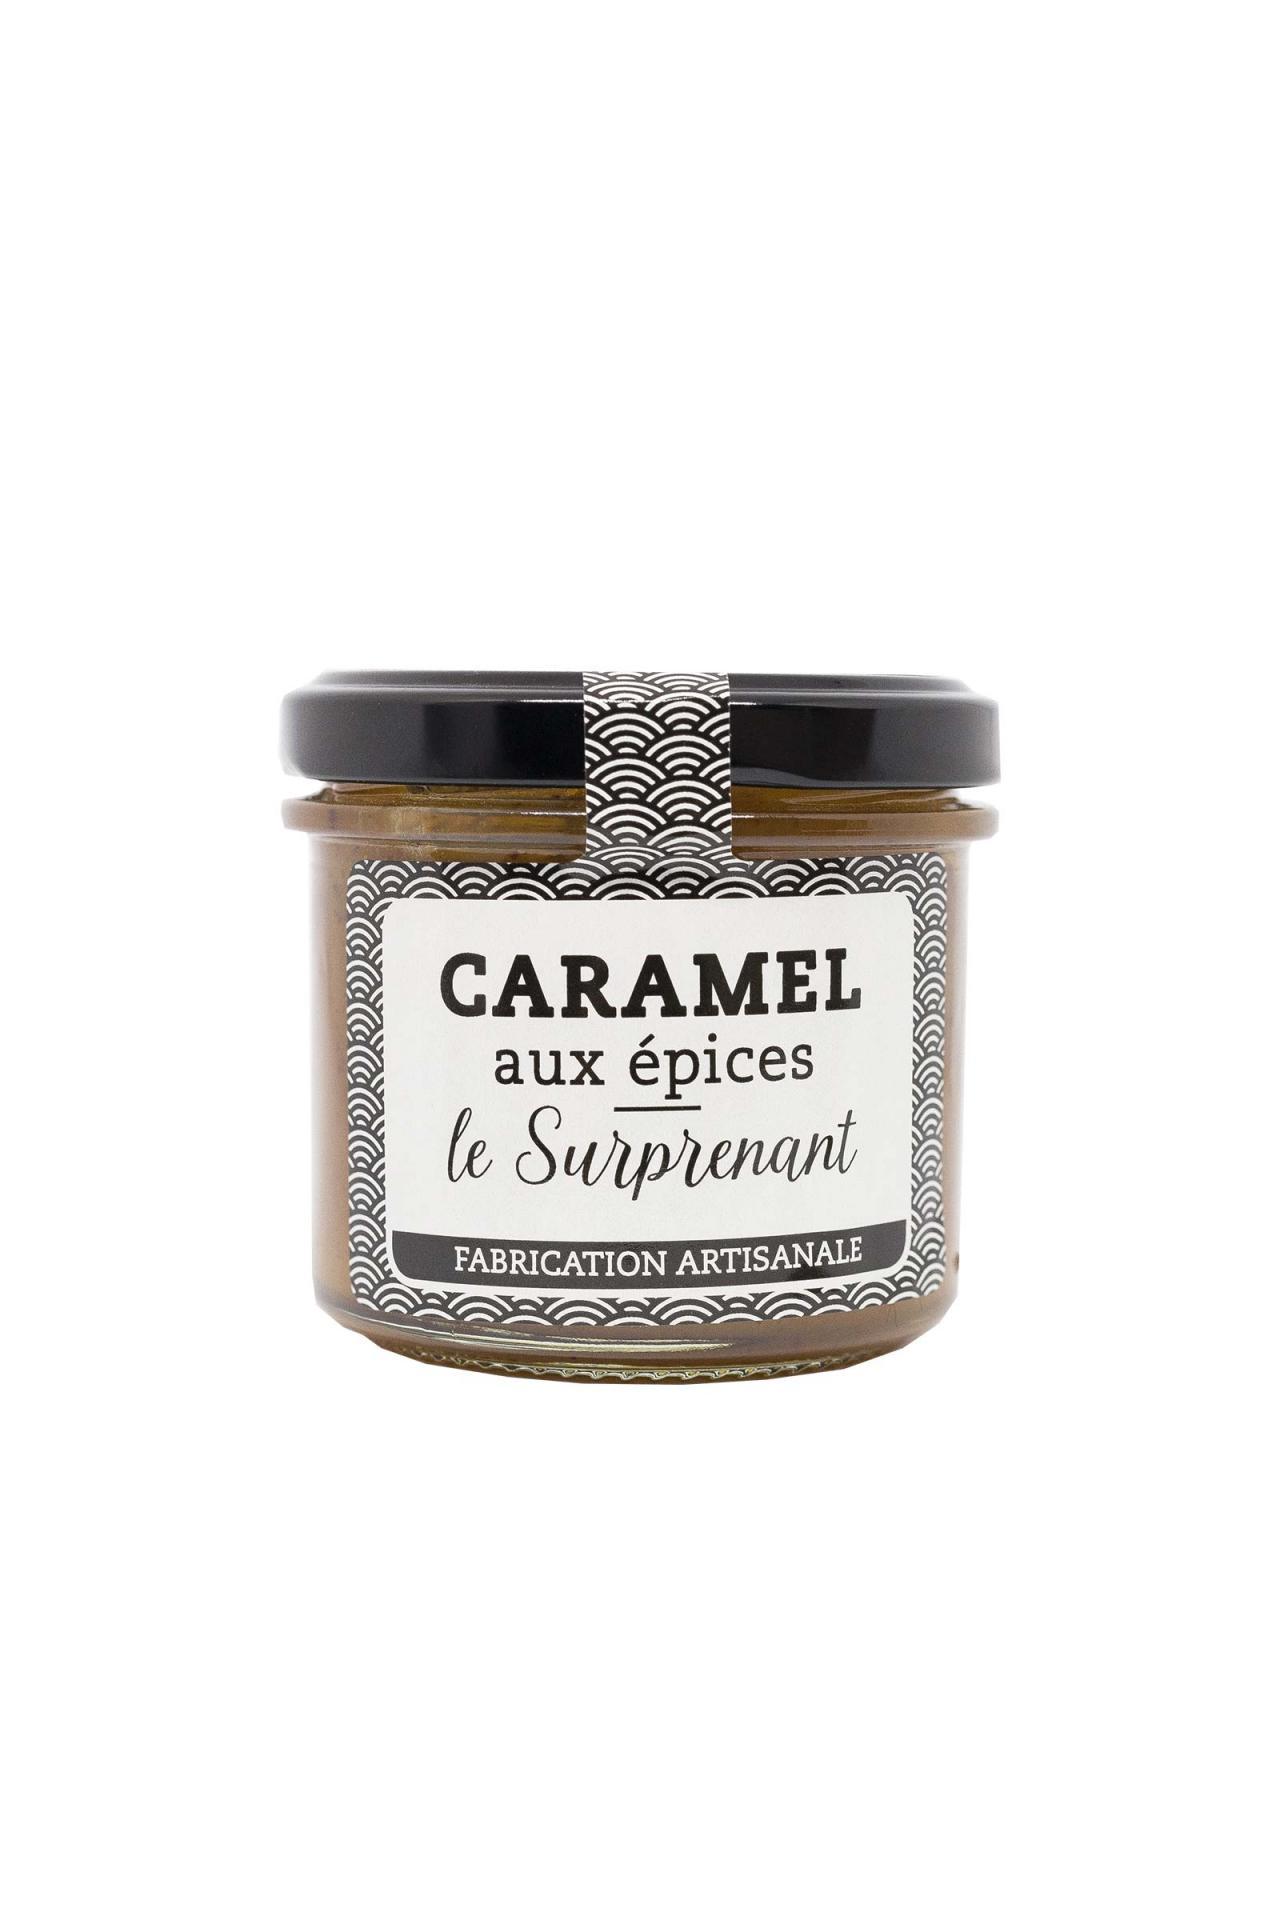 Caramel aux epices